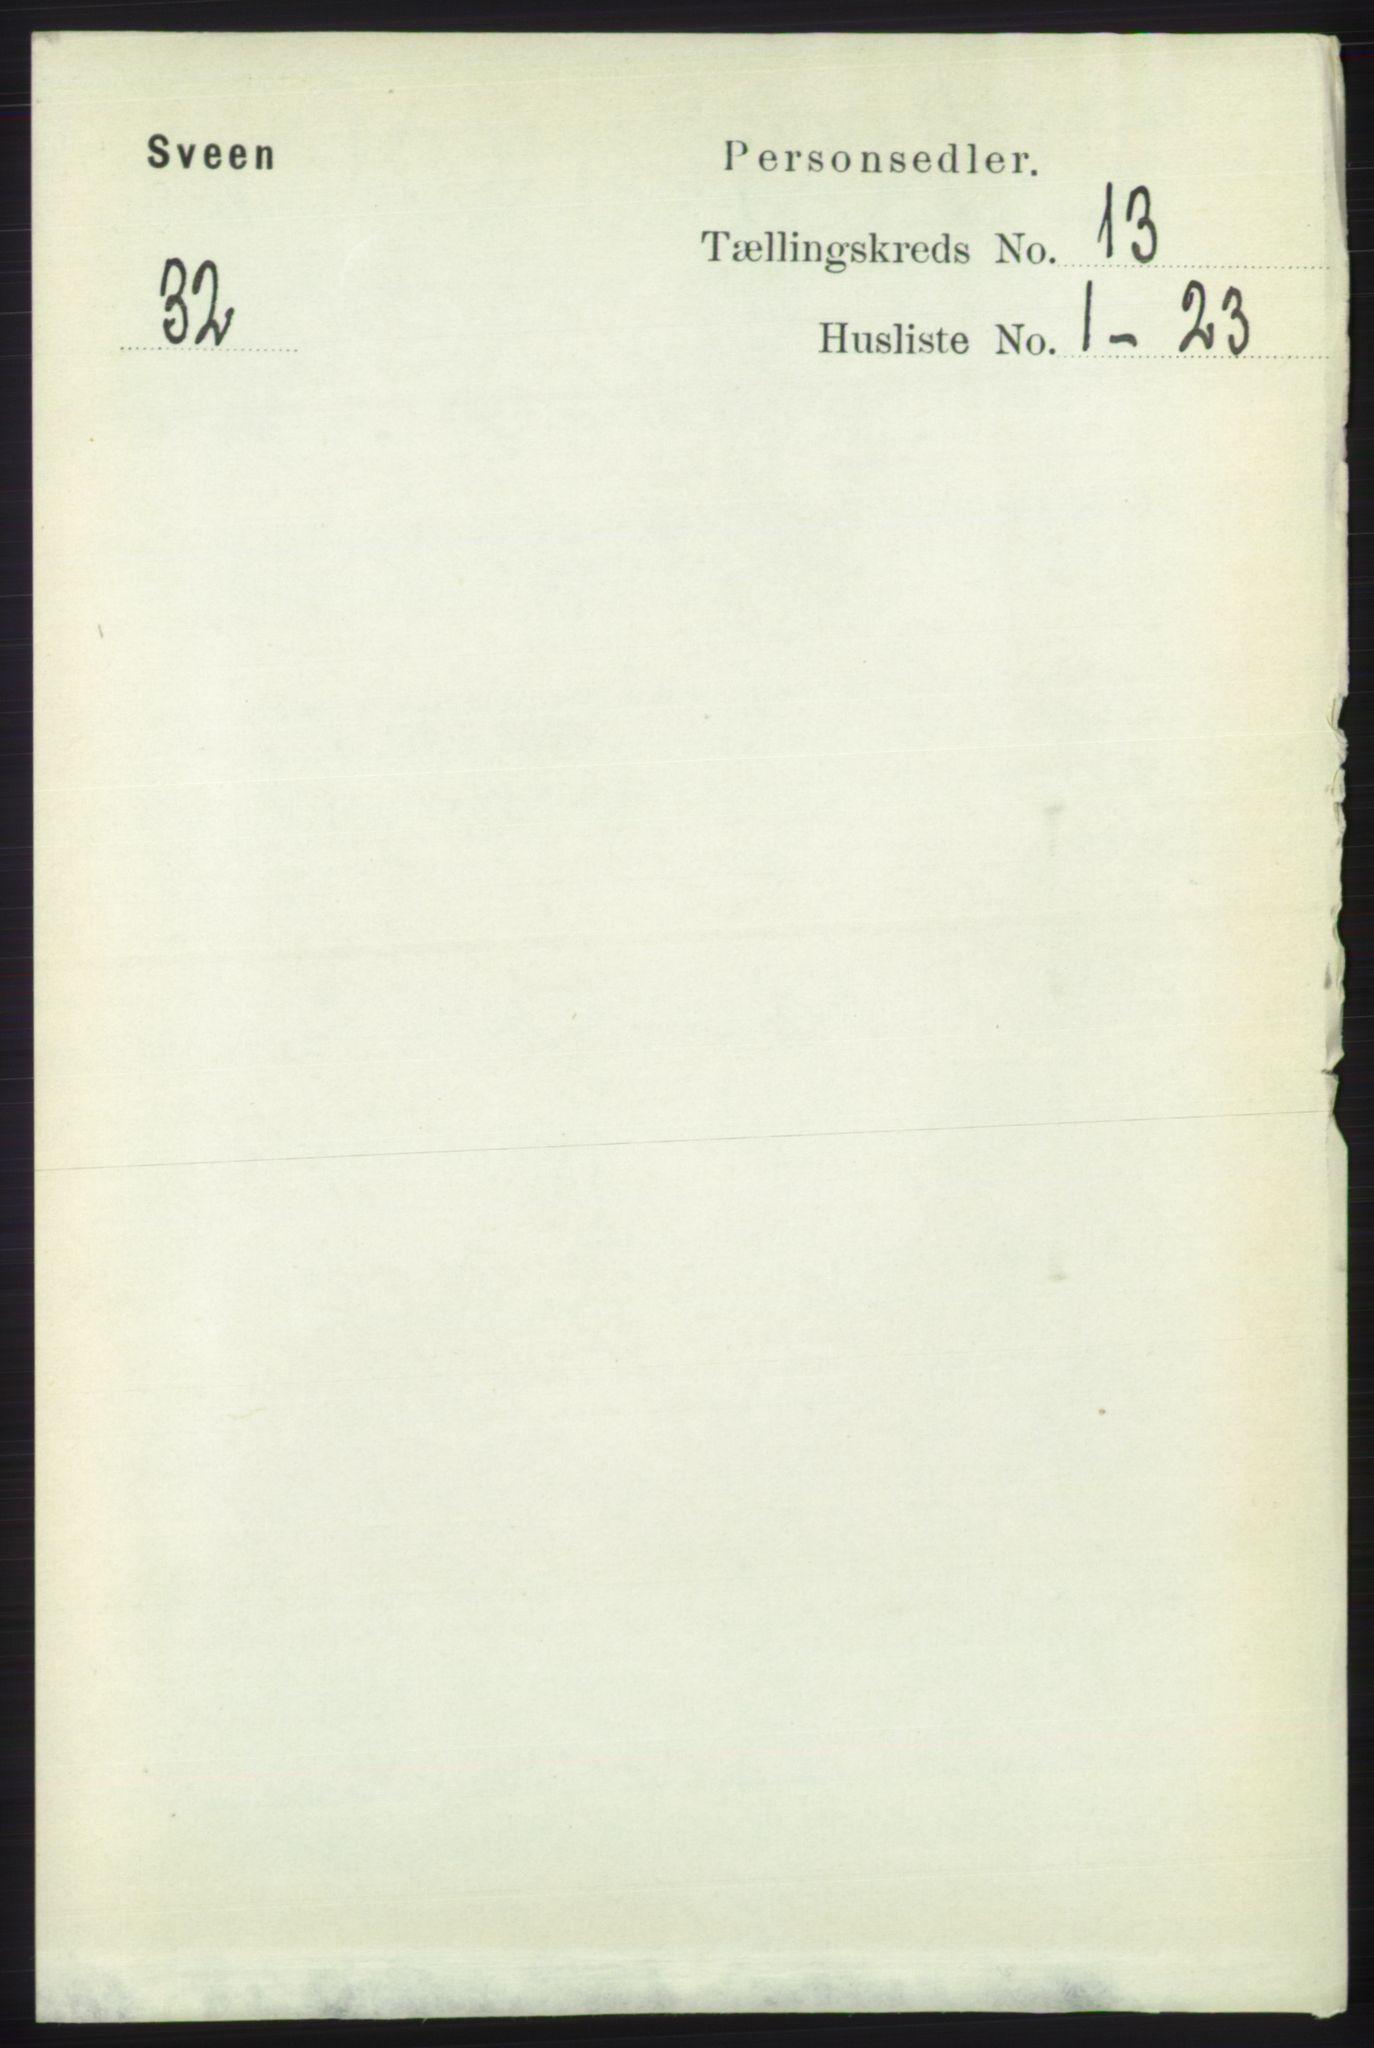 RA, Folketelling 1891 for 1216 Sveio herred, 1891, s. 3667